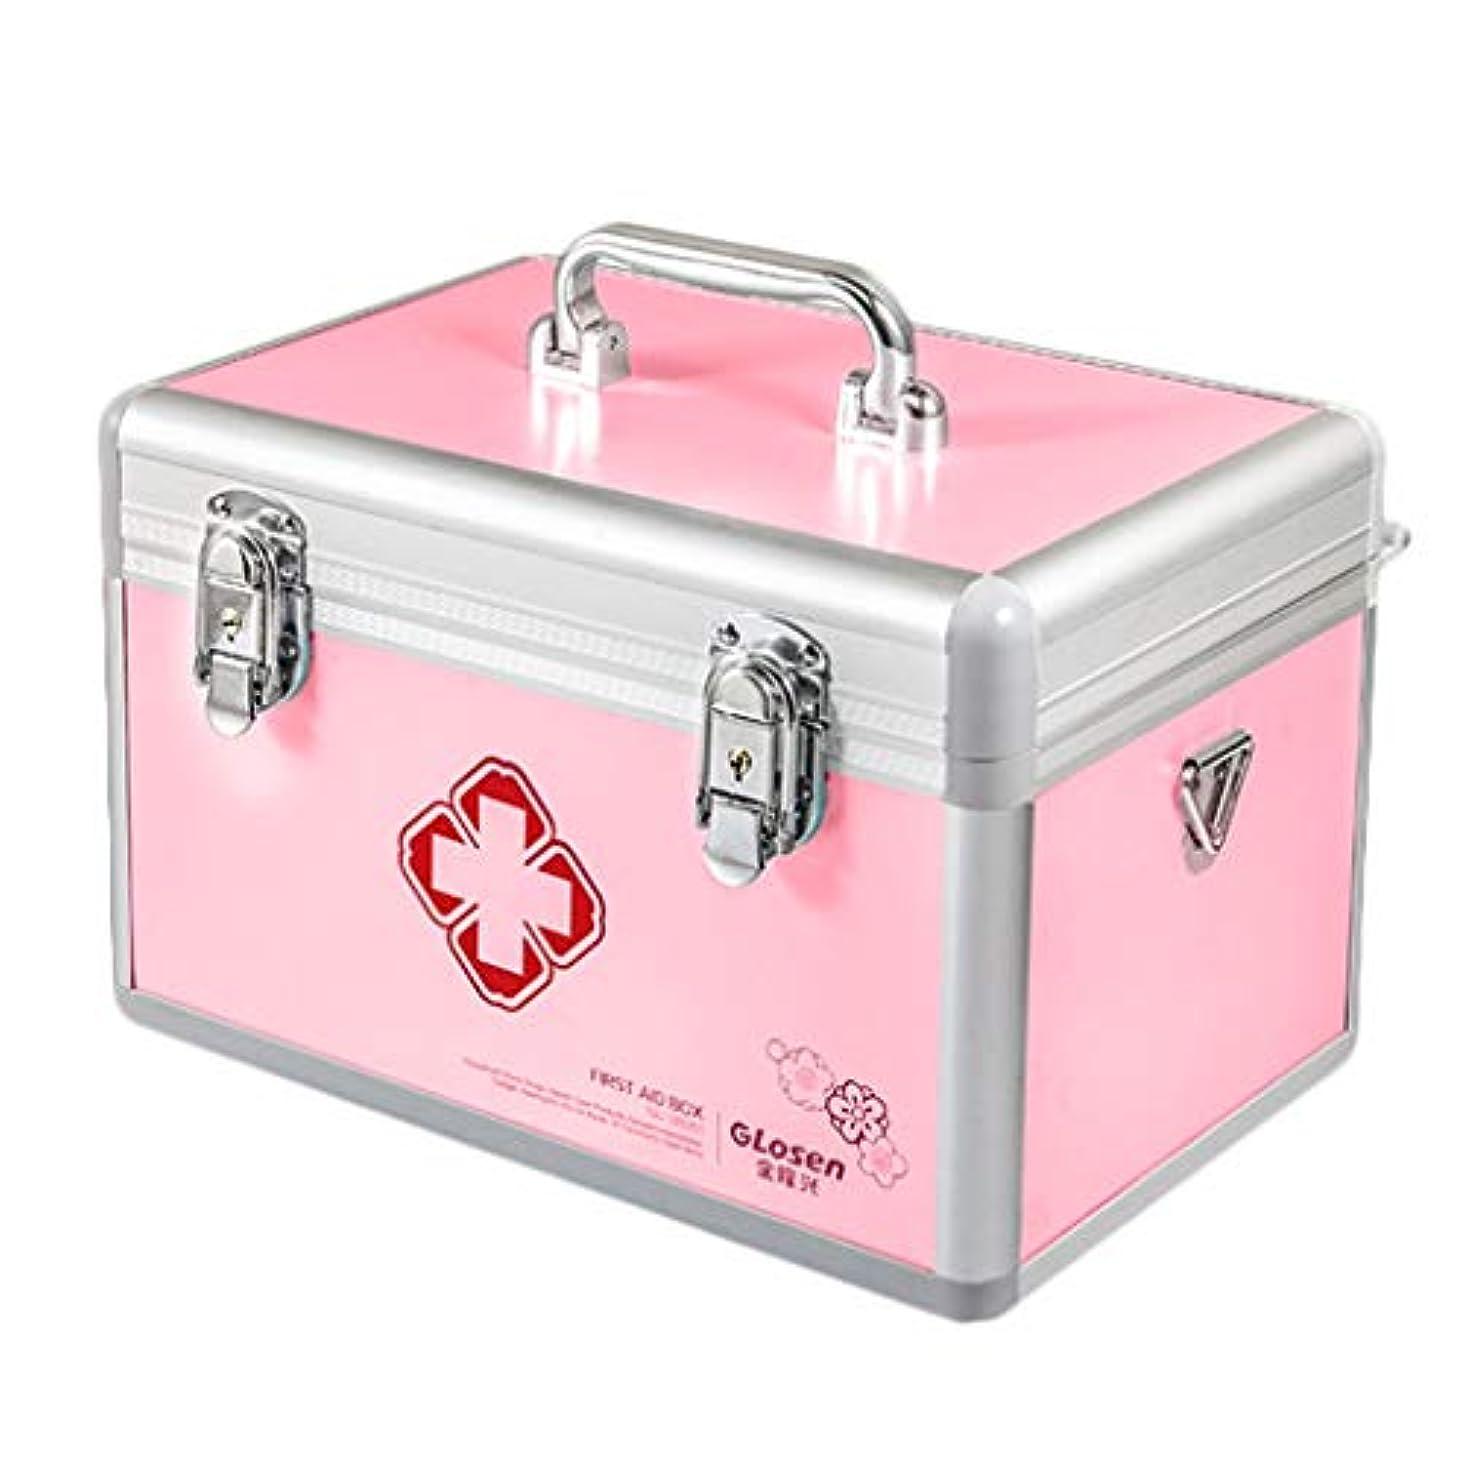 宮殿羊の服を着た狼ホラーGLJJQMY ピルボックス薬外来救急医療箱収納ボックスアルミ家庭用薬箱35.5×20×22センチ 薬収納ボックス (Color : Pink)